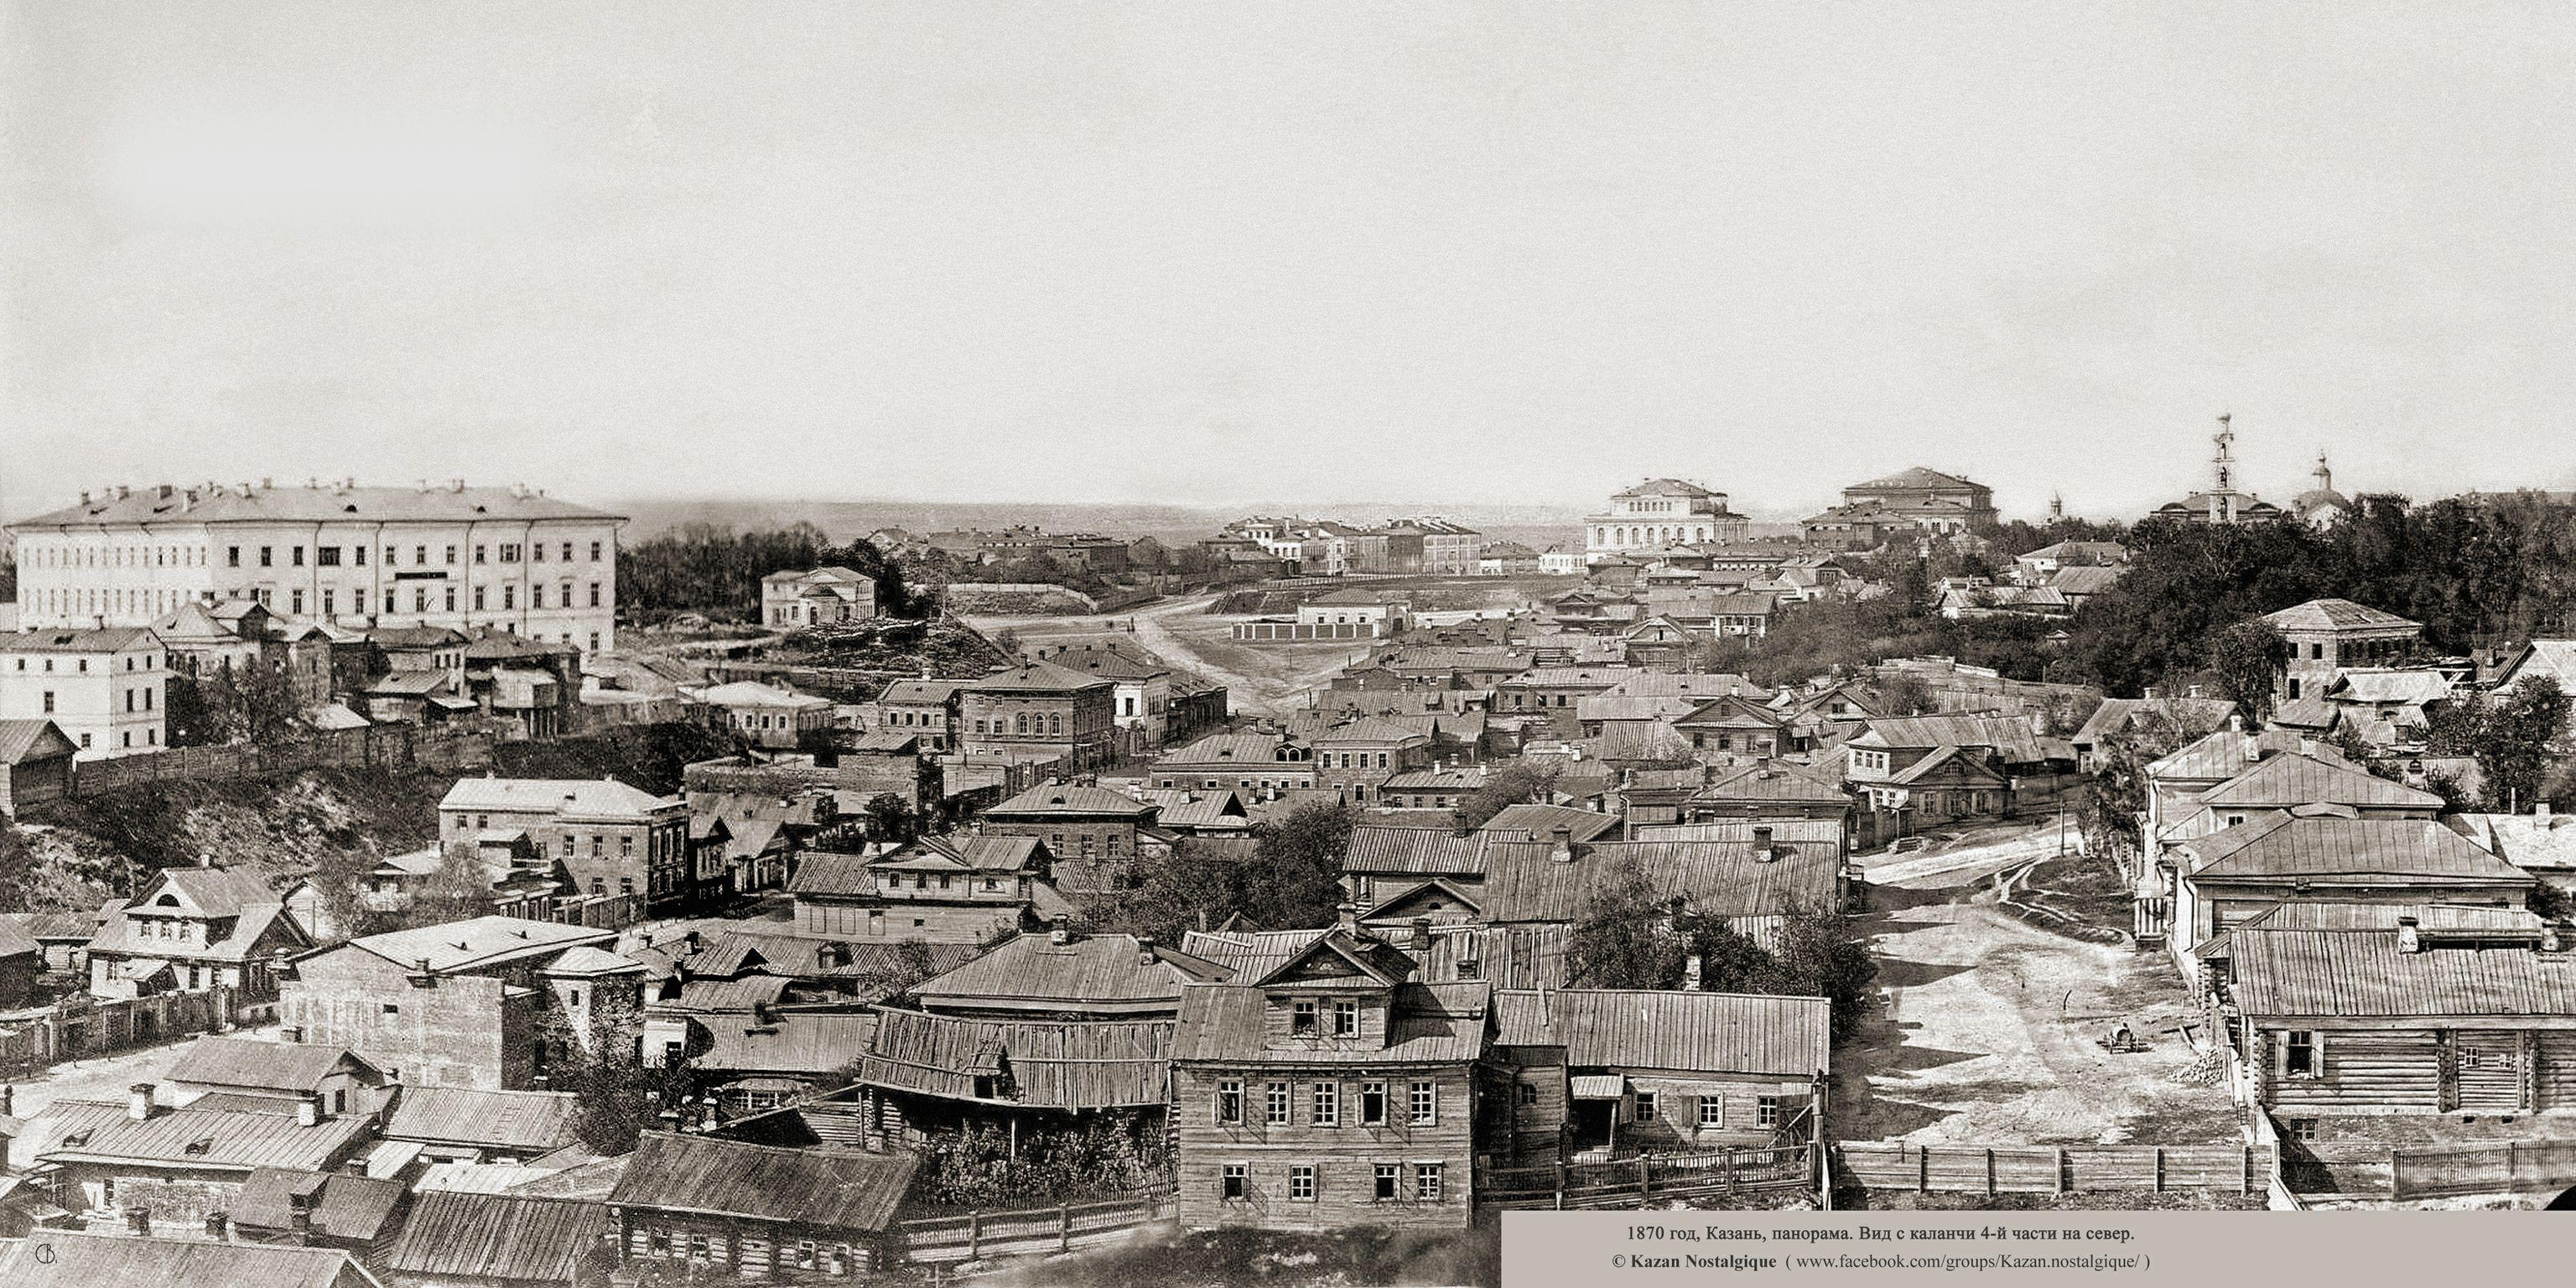 1870. Вид с каланчи 4 части на север